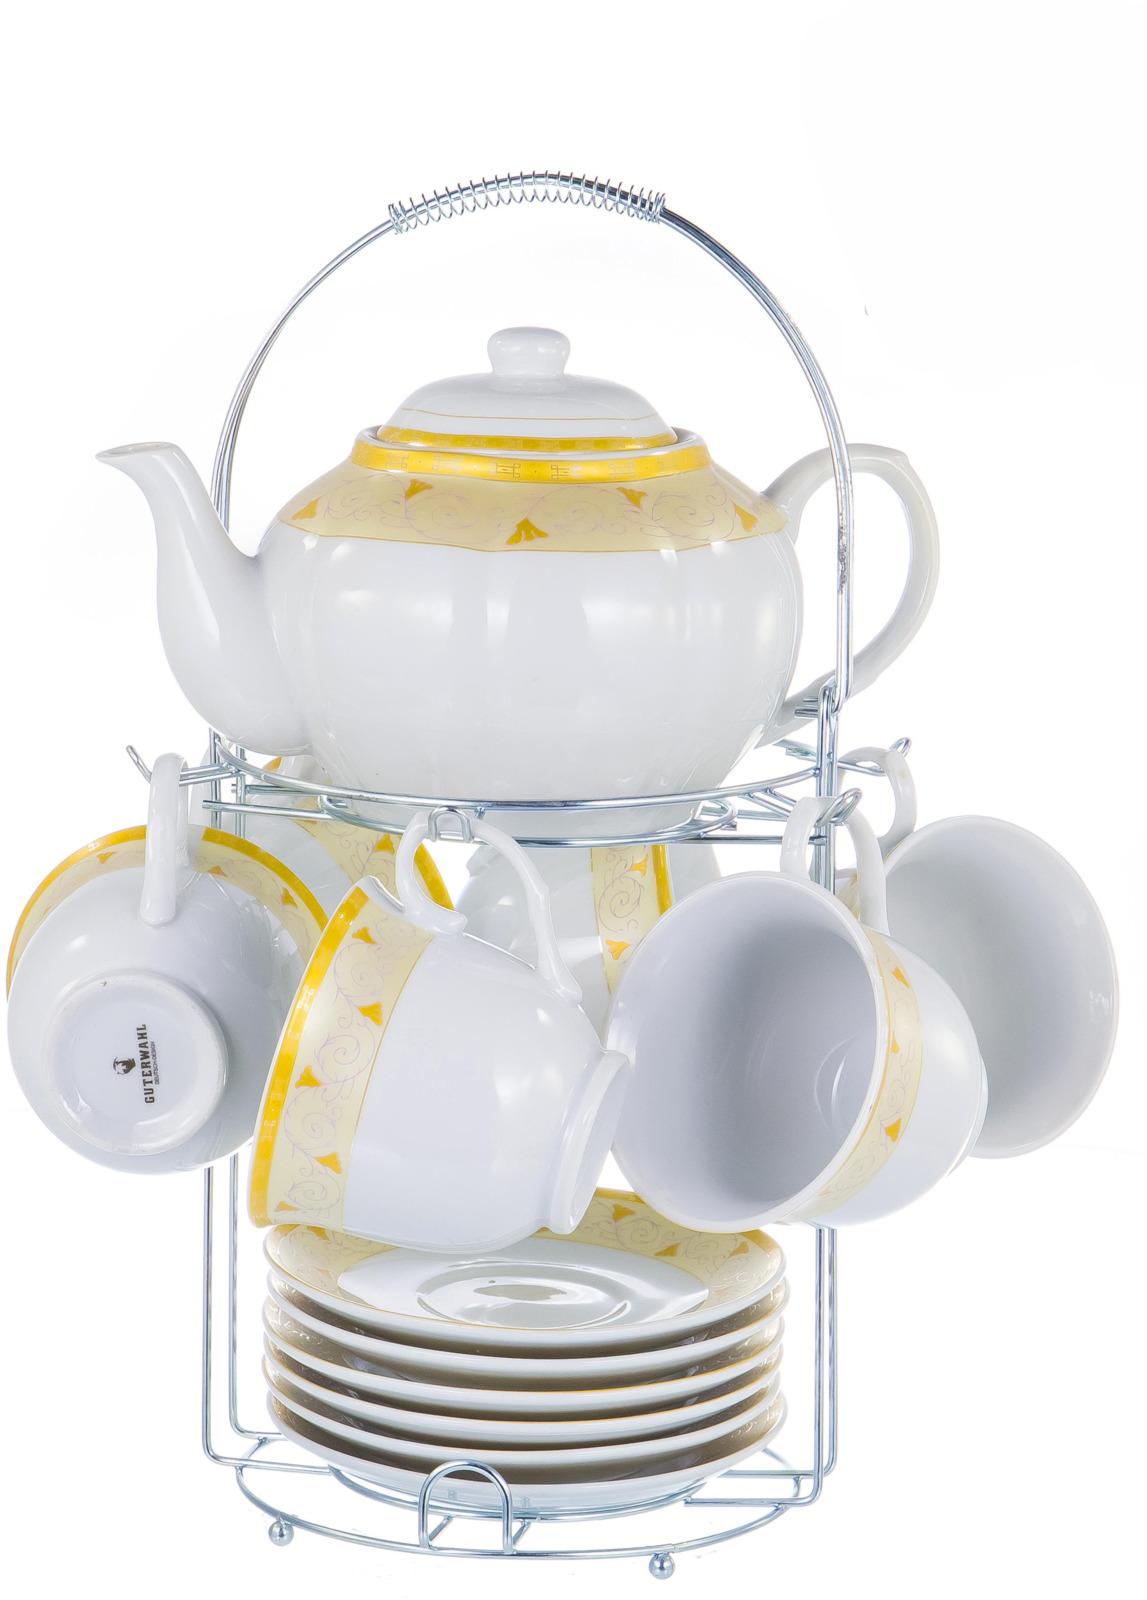 Набор чайный Guterwahl Square Gift Box, цвет: белый, 14 предметов. 114-17015